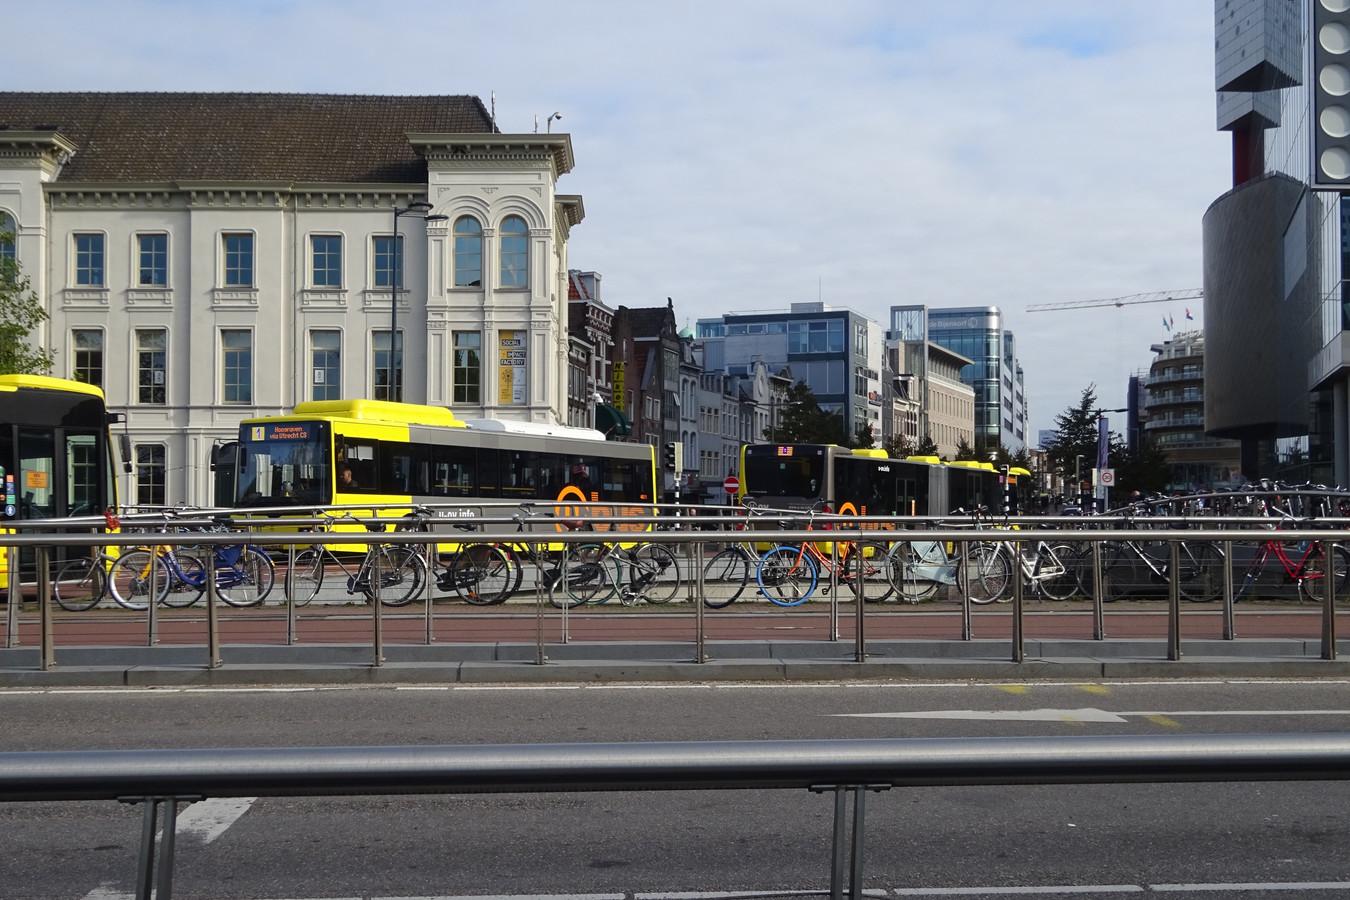 Bussen op de Vredenburgknoop.